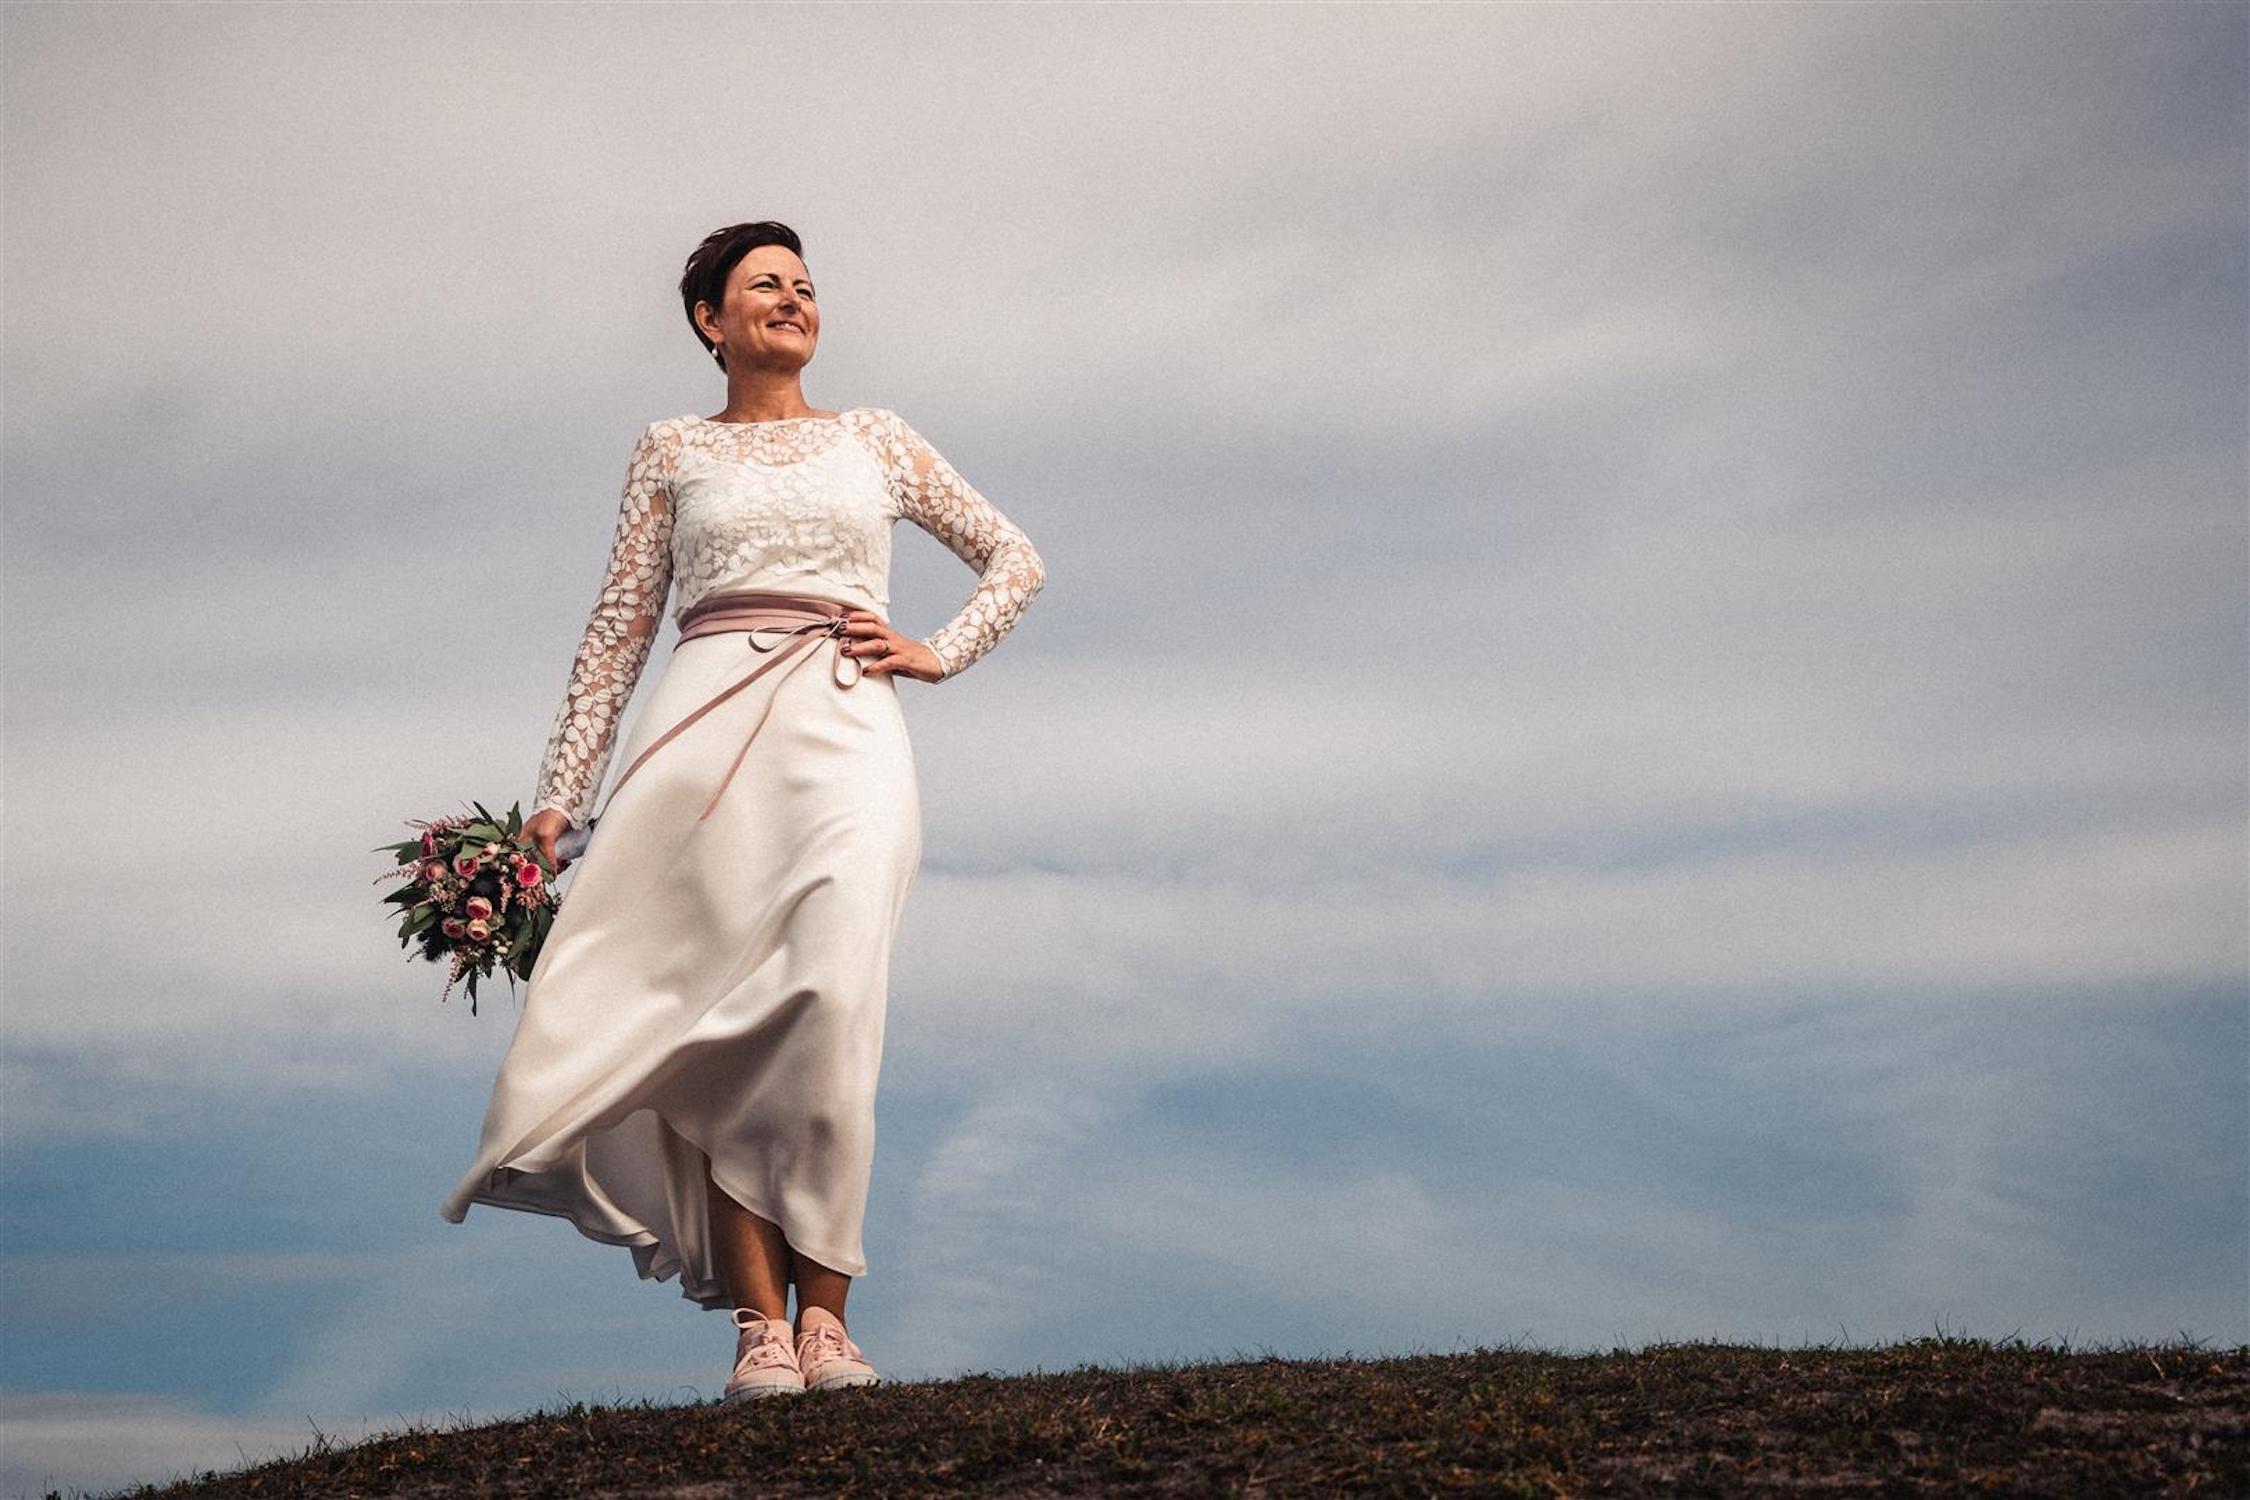 Strandhochzeit auf Norderney mit Brautkleid mit Spitzentop und Seidenrock